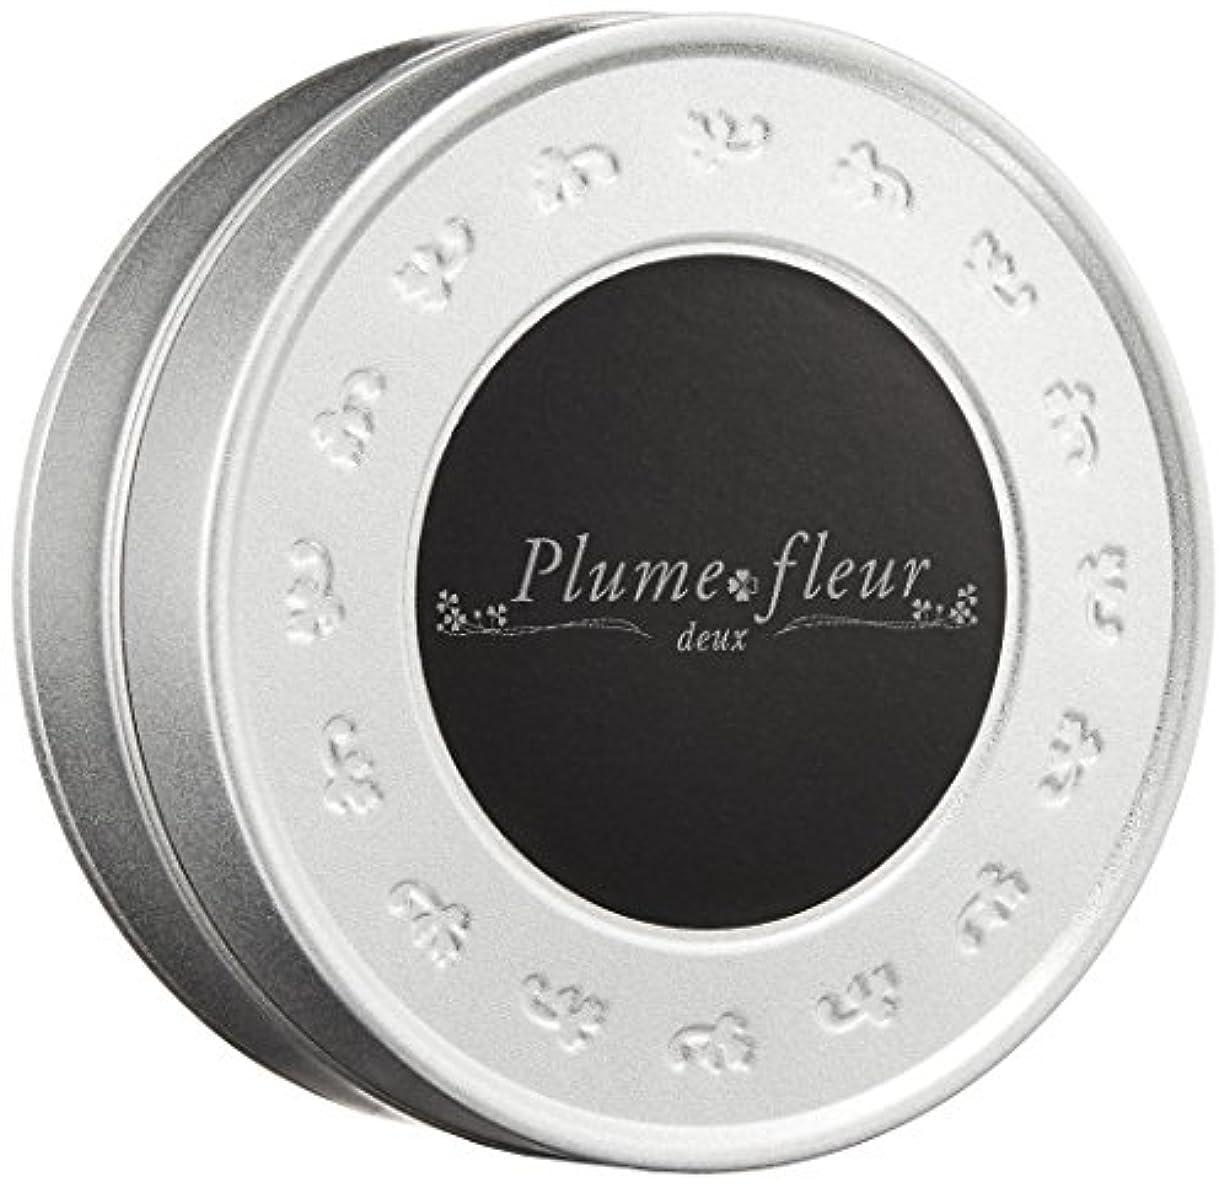 ビデオ罪忙しいPlume fleur -deux-(プルームフルール?WH)